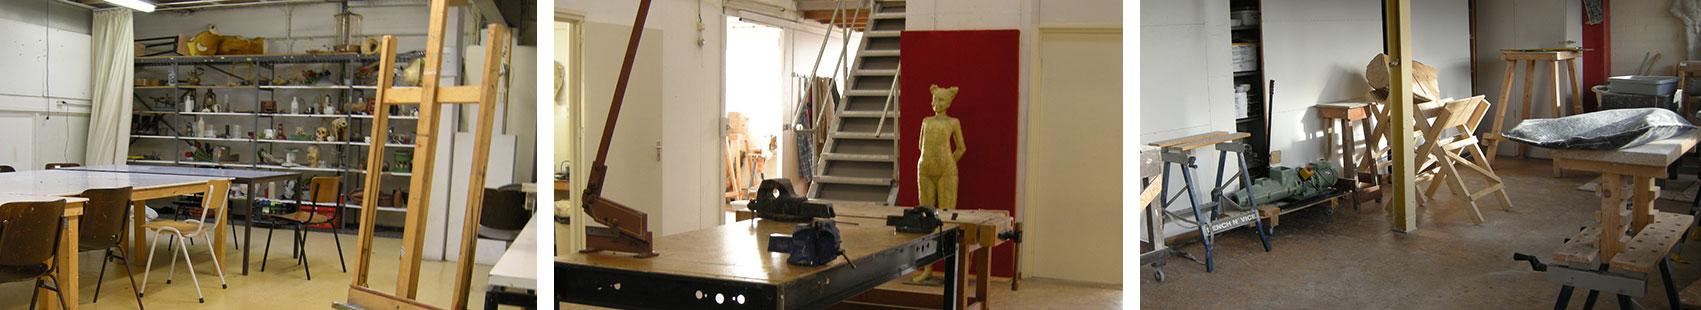 Atelierruimte Crejat Alkmaar